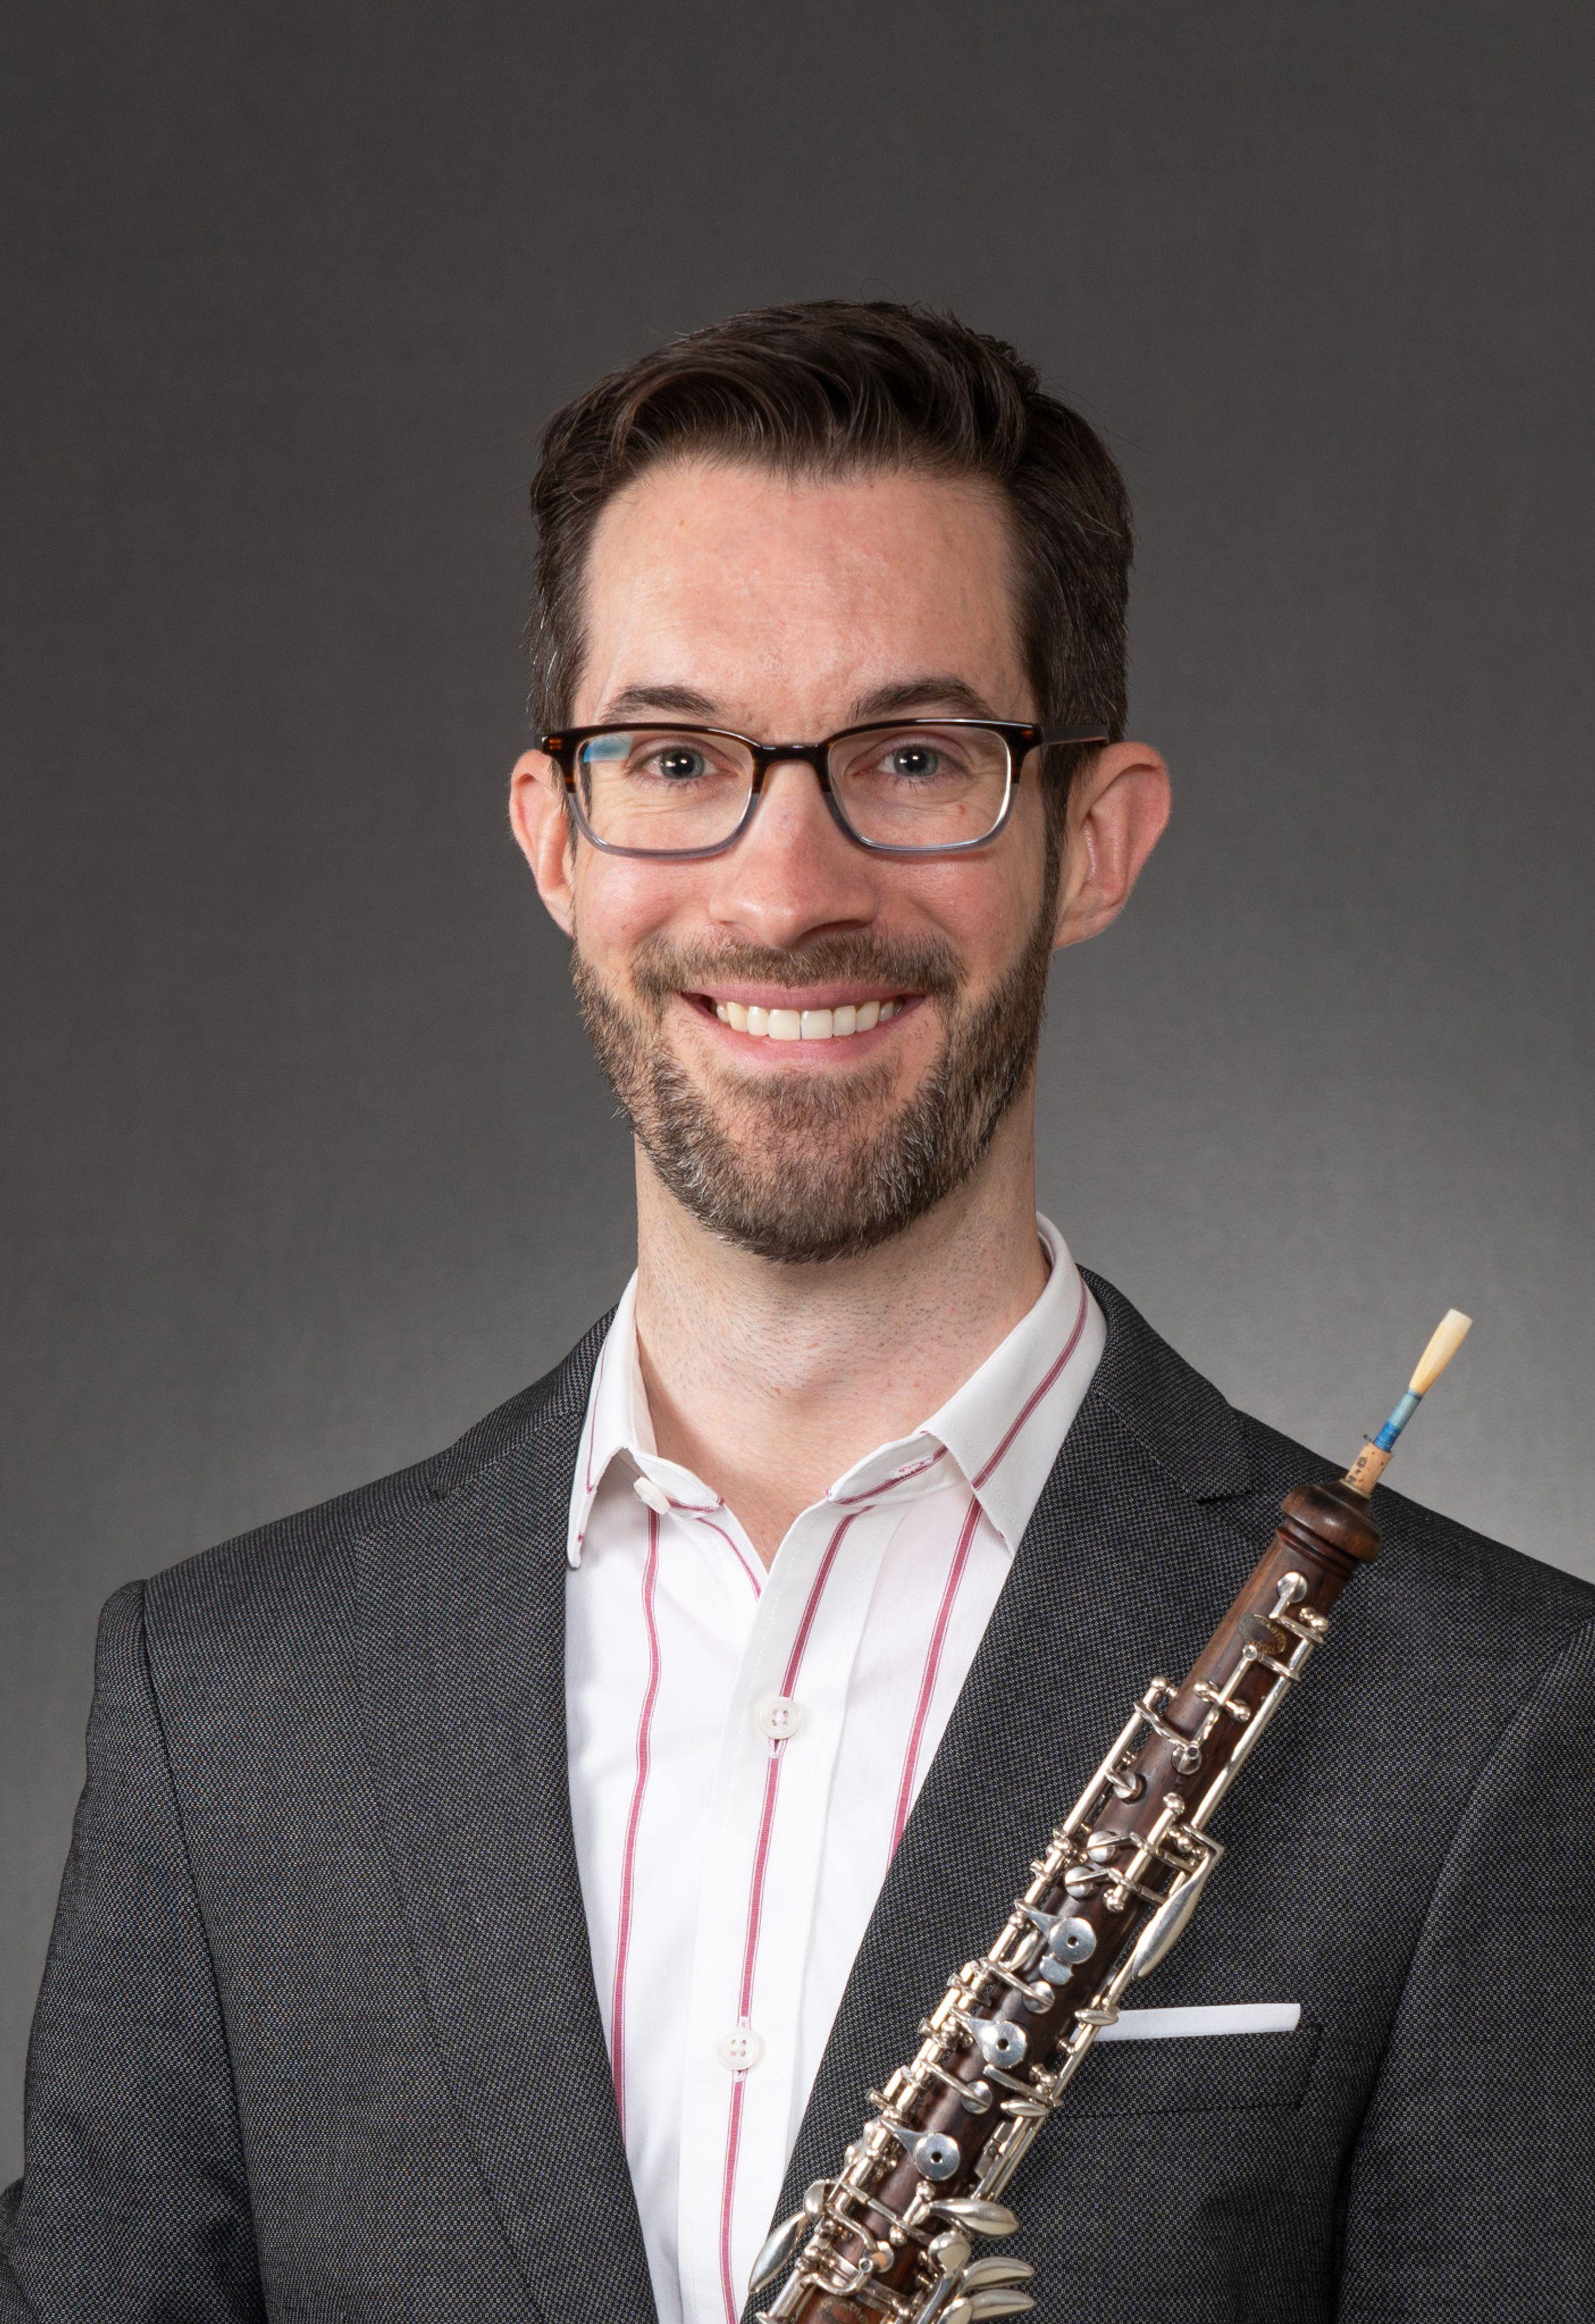 Ian Wisekal with oboe